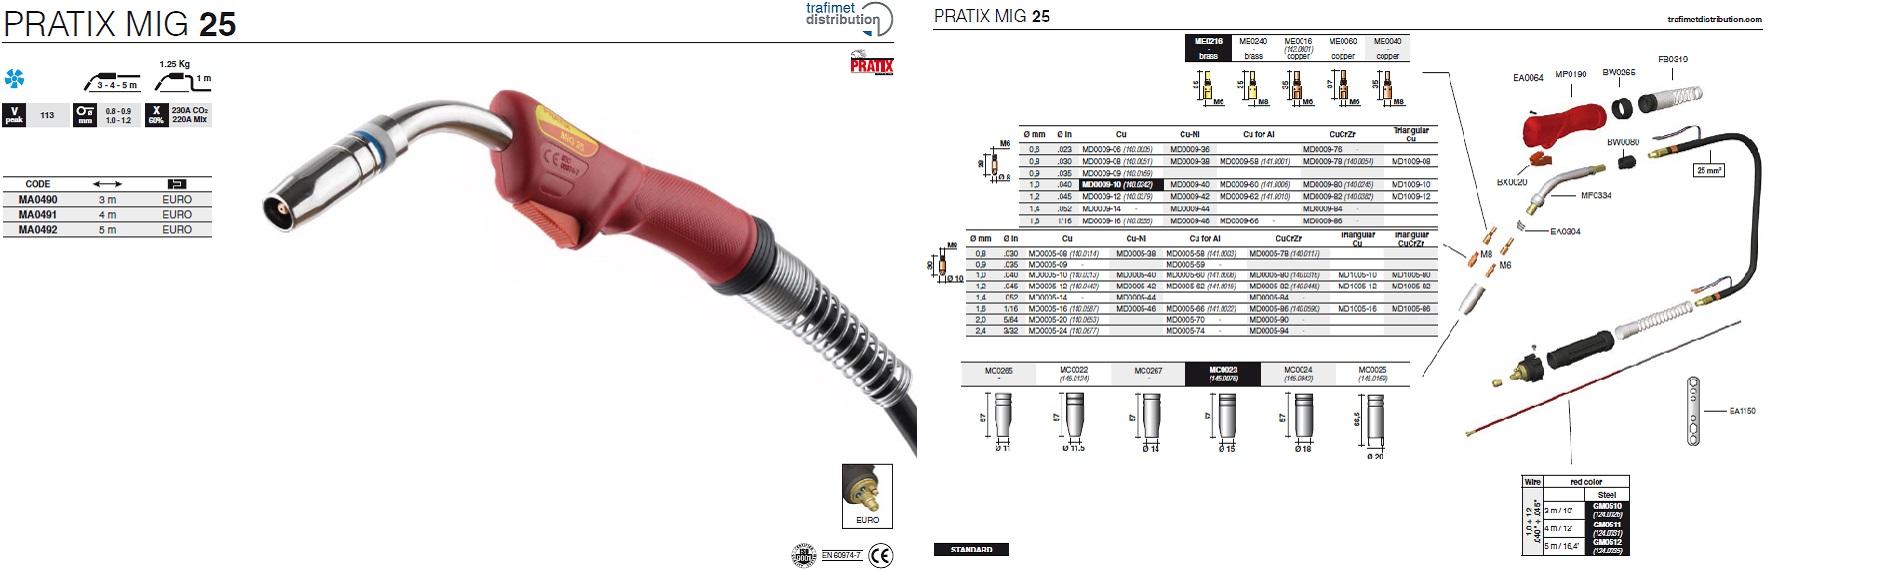 PRATIX MIG 25